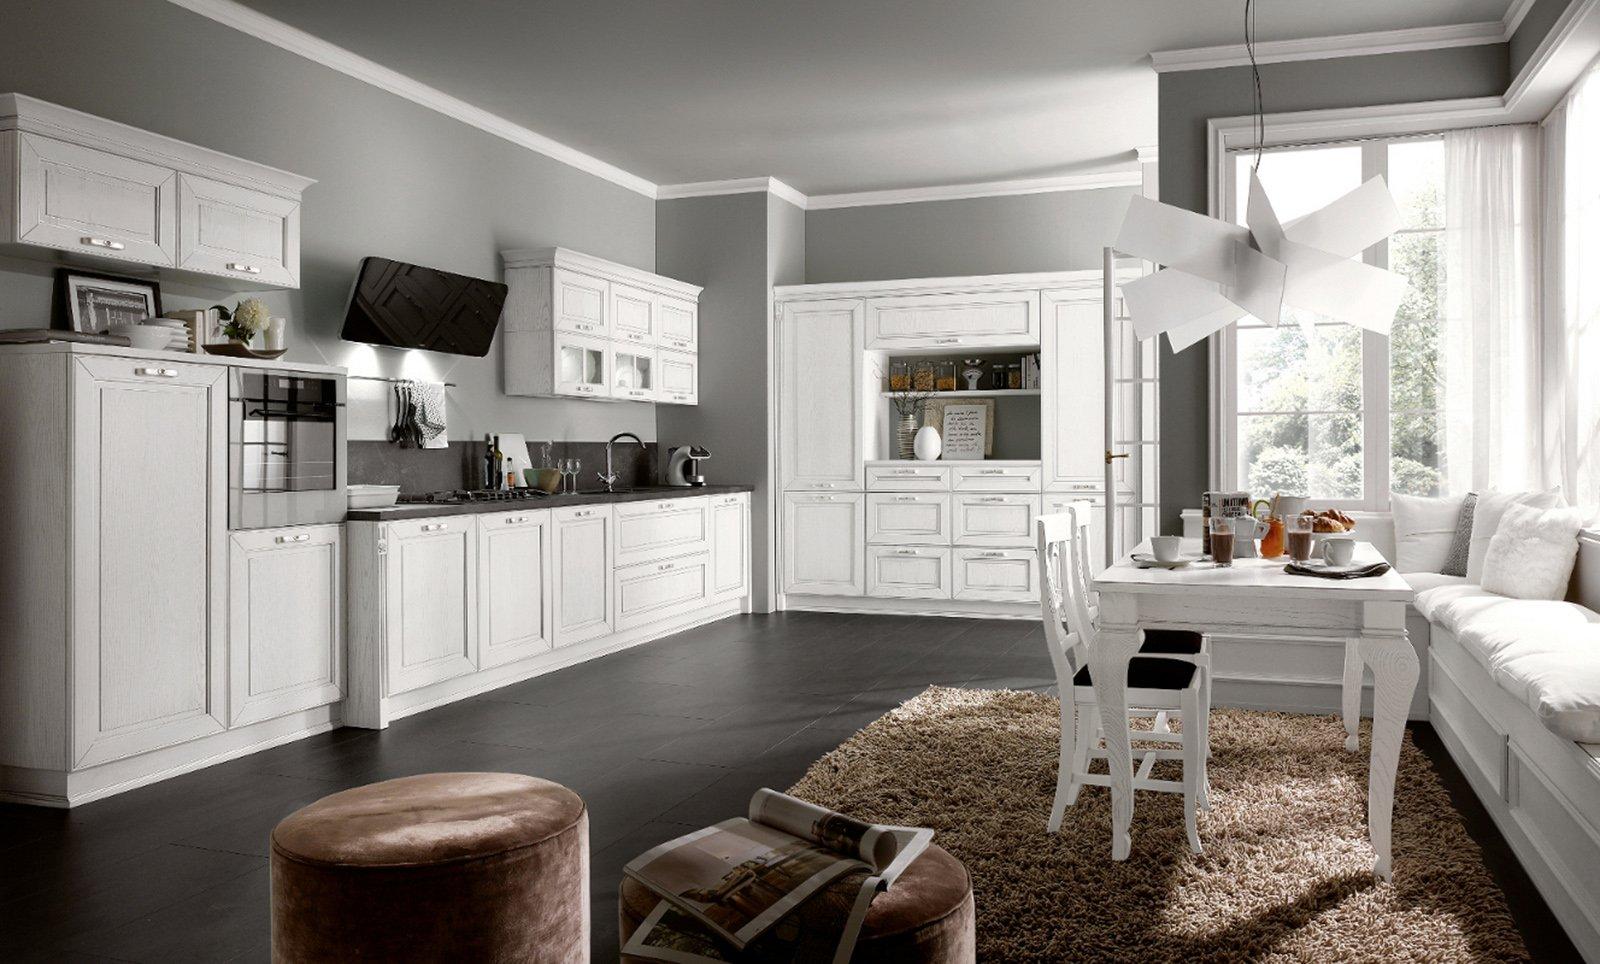 Nuove cucine con maniglia protagonista cose di casa - Immagini di cucine classiche ...